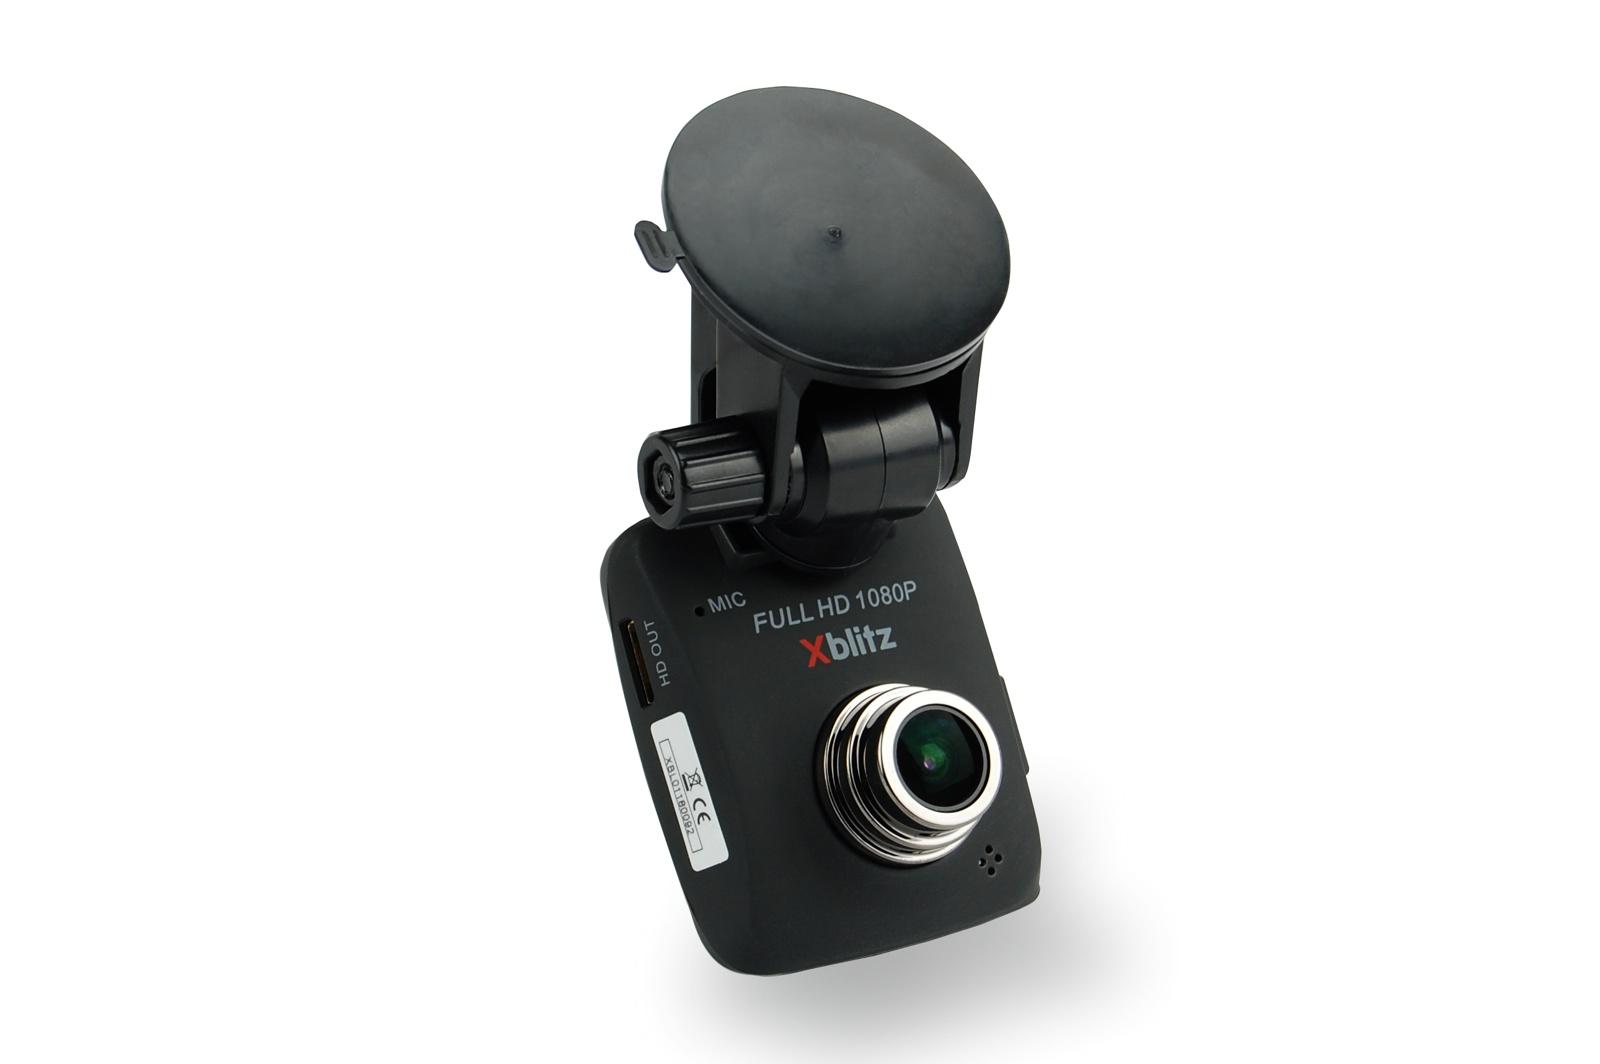 Avto-kamera XBLITZ BLACK BIRD 2.0 Professional